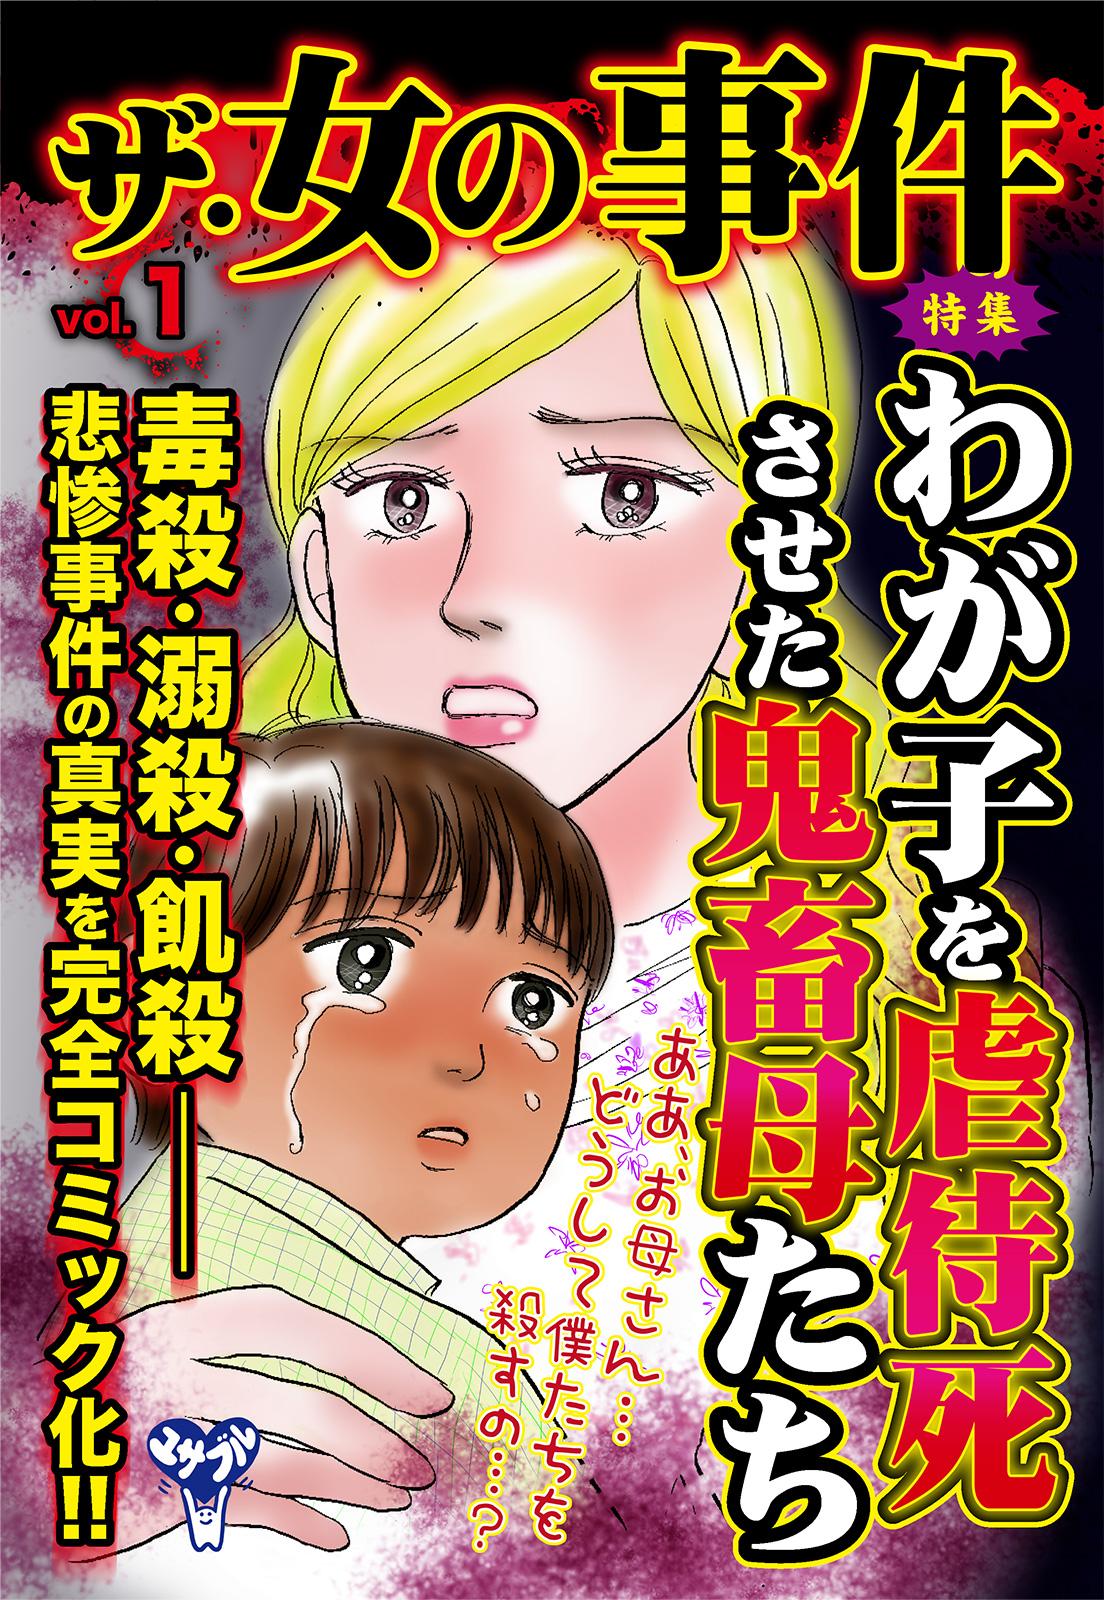 ザ・女の事件Vol.1(悪魔の花嫁~わが子2人を産み殺した女~)